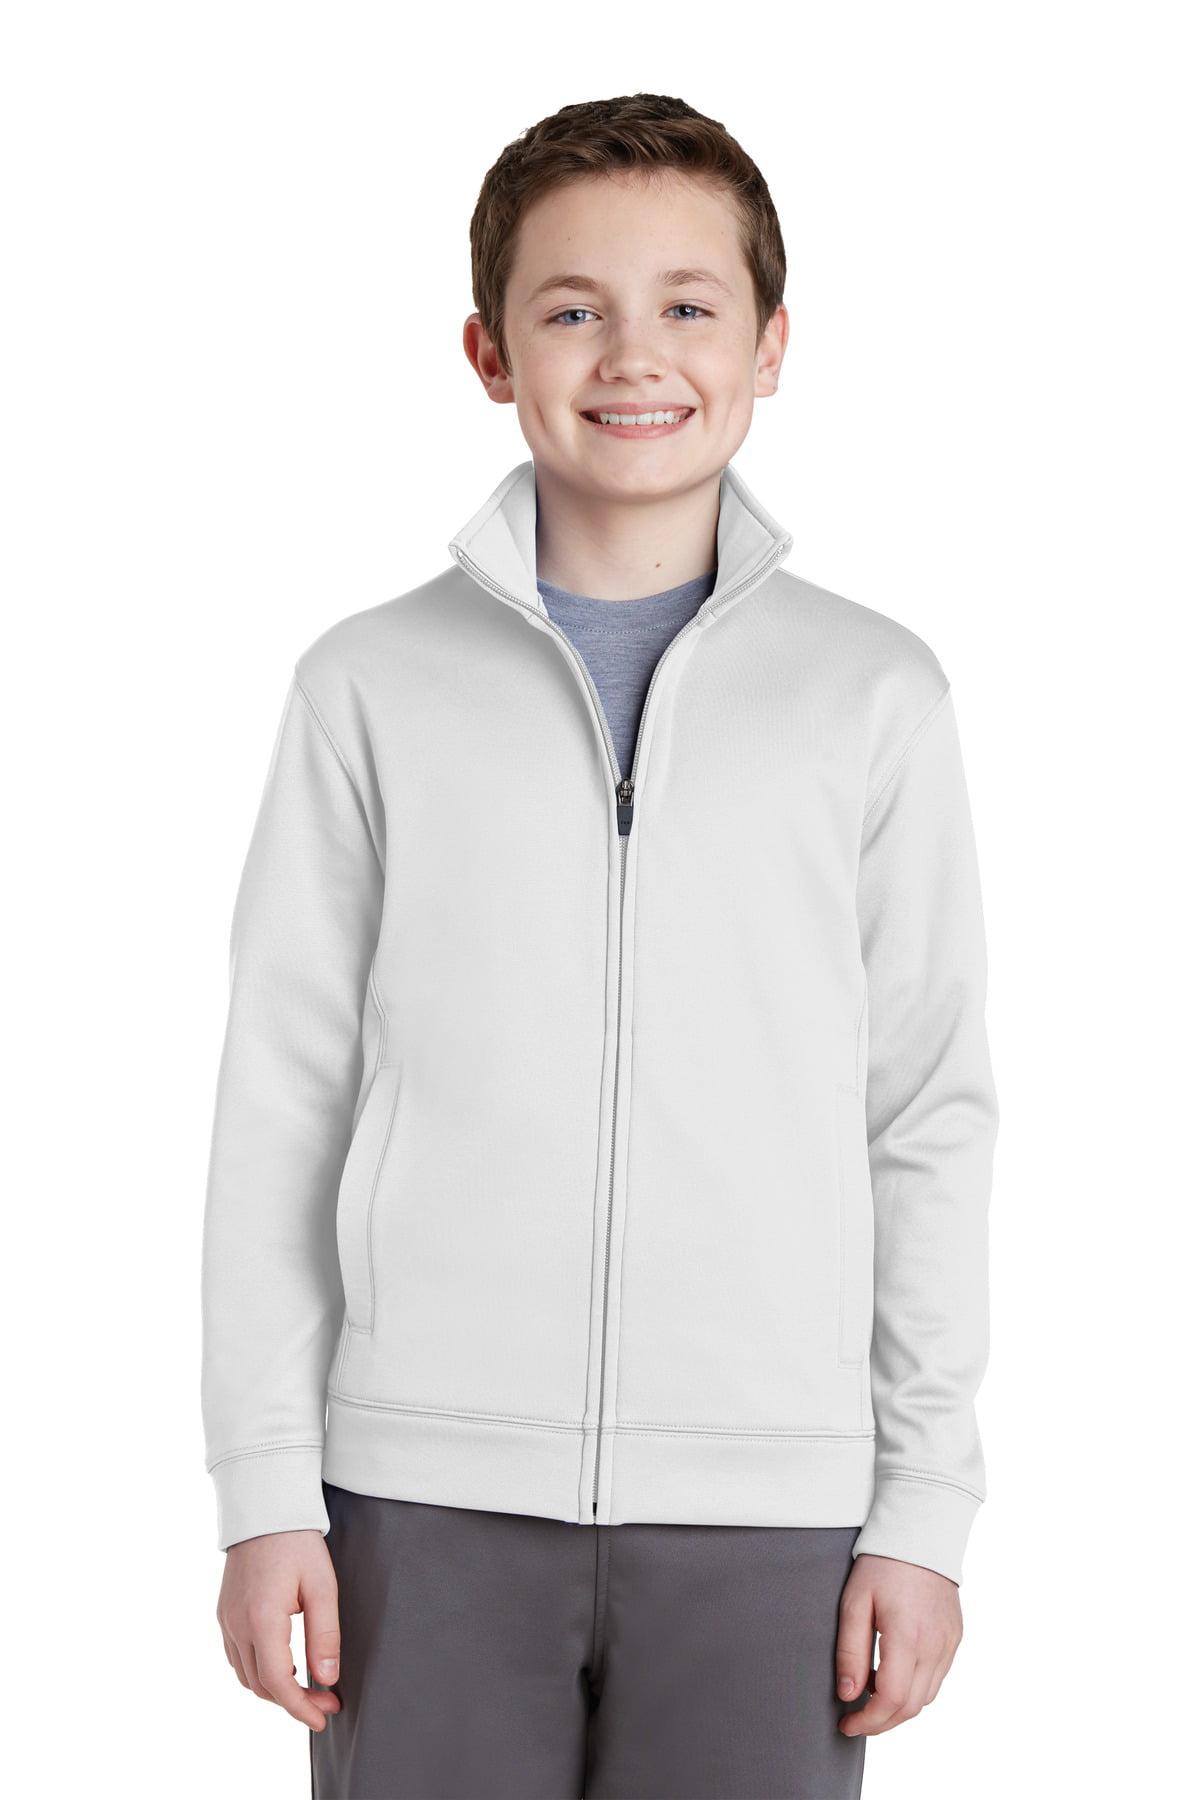 Sport-Tek YST241 Youth Sport-Wick Fleece Full-Zip Jacket, Black, XS